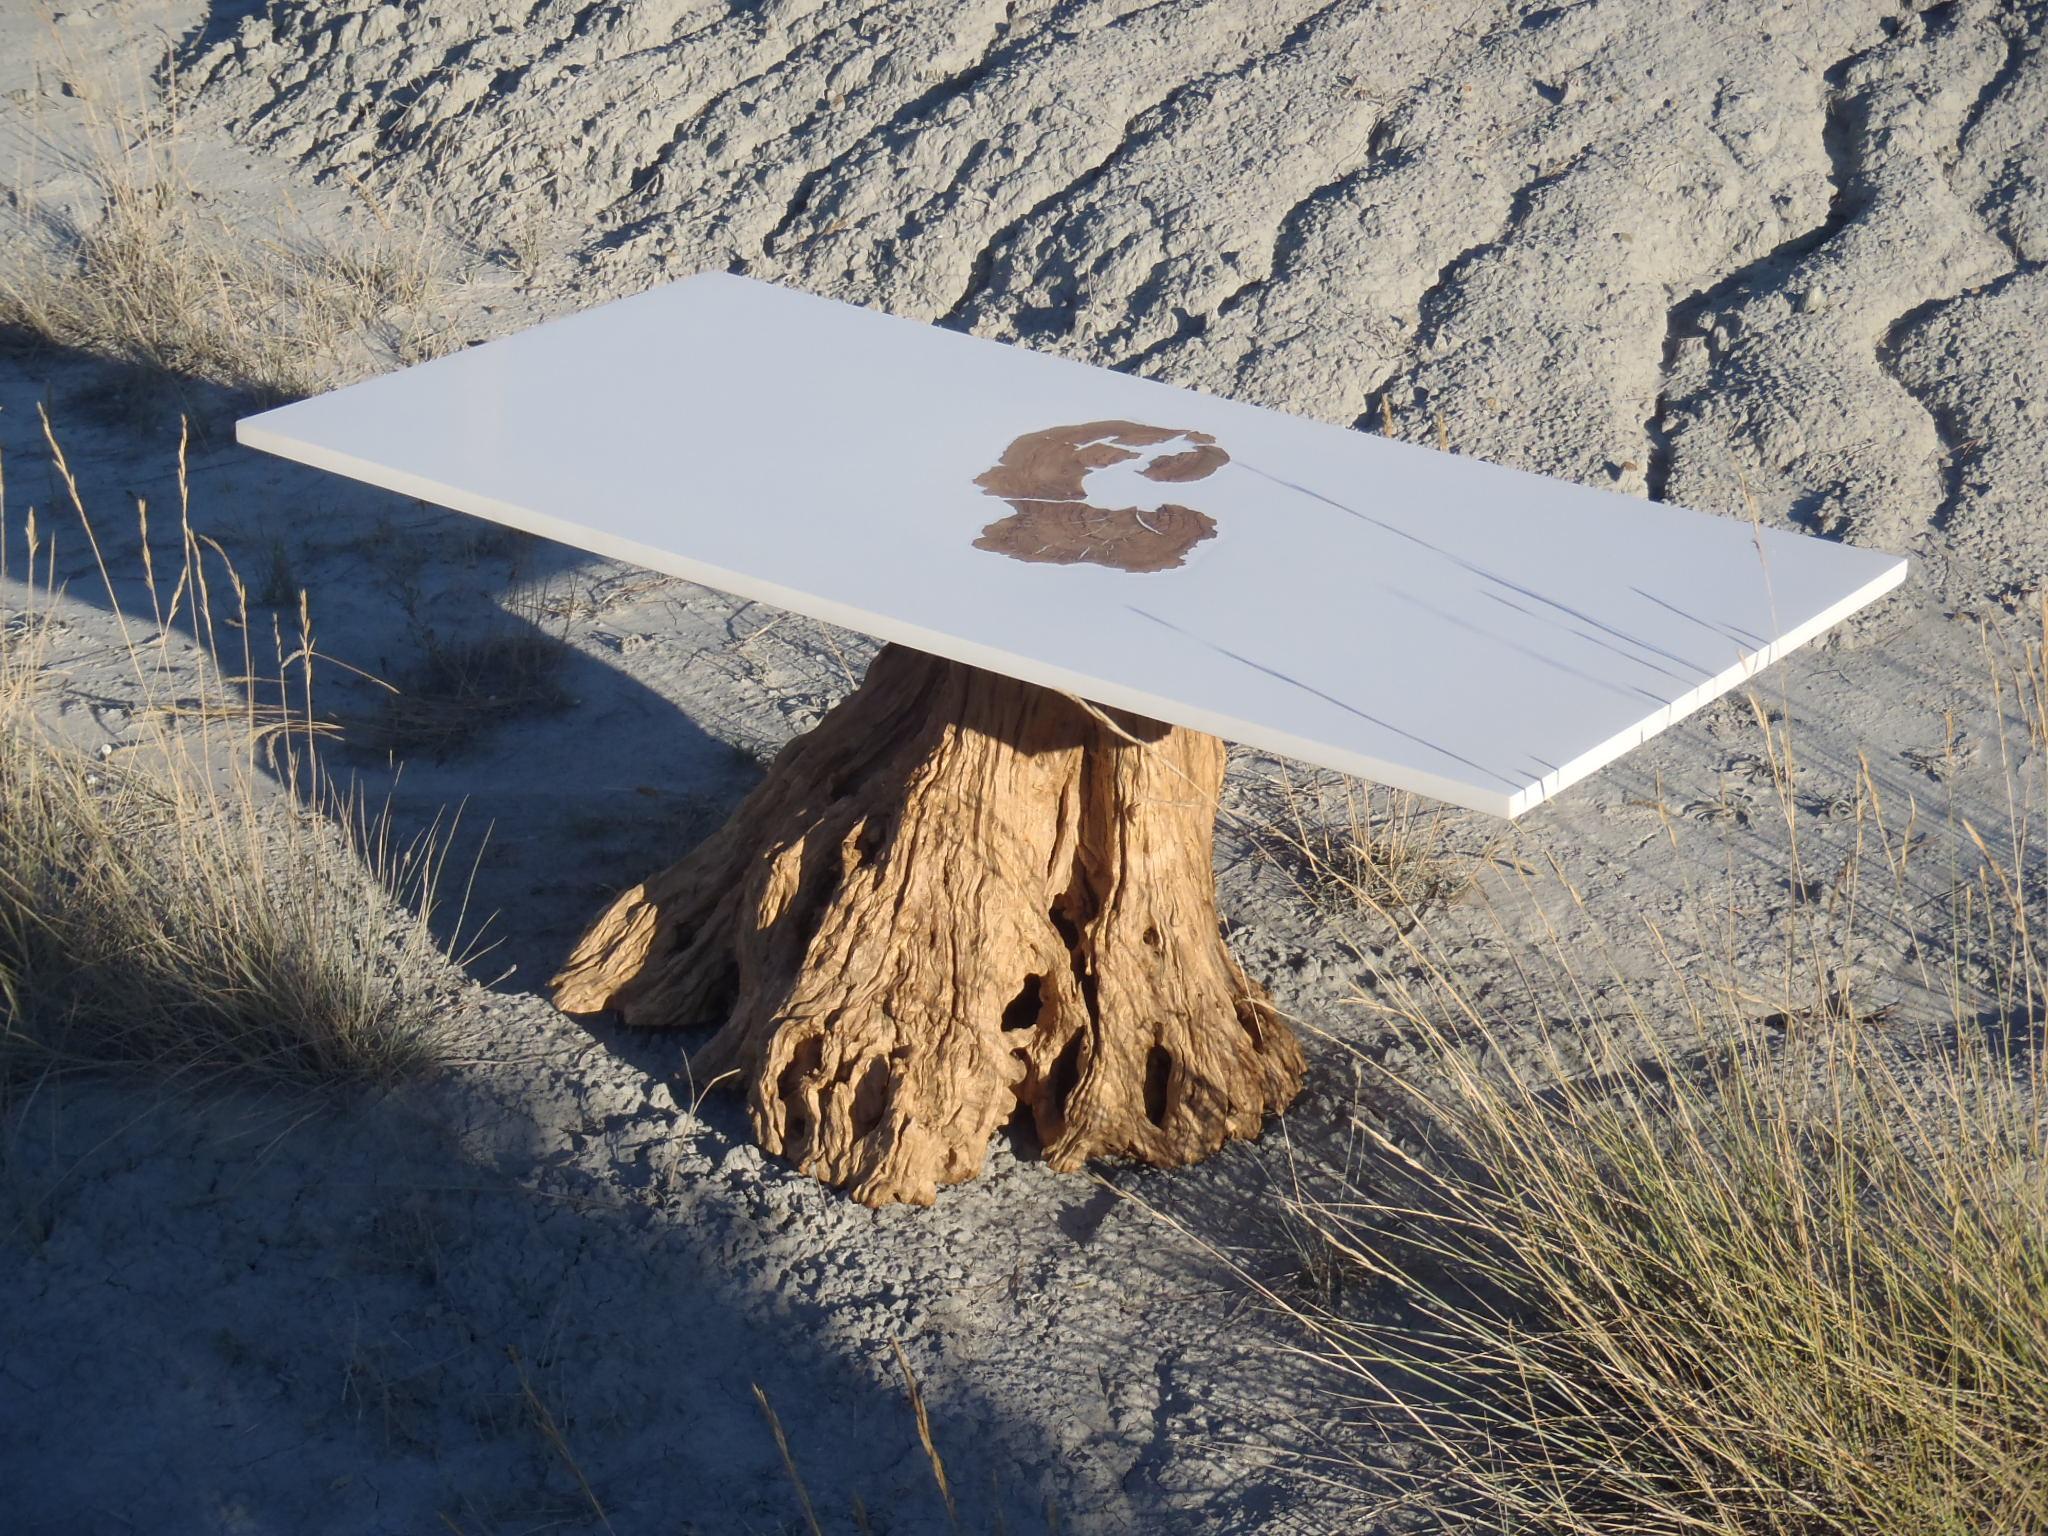 Table basse r sine bear foot boutique penone design - Table plateau tronc d arbre ...